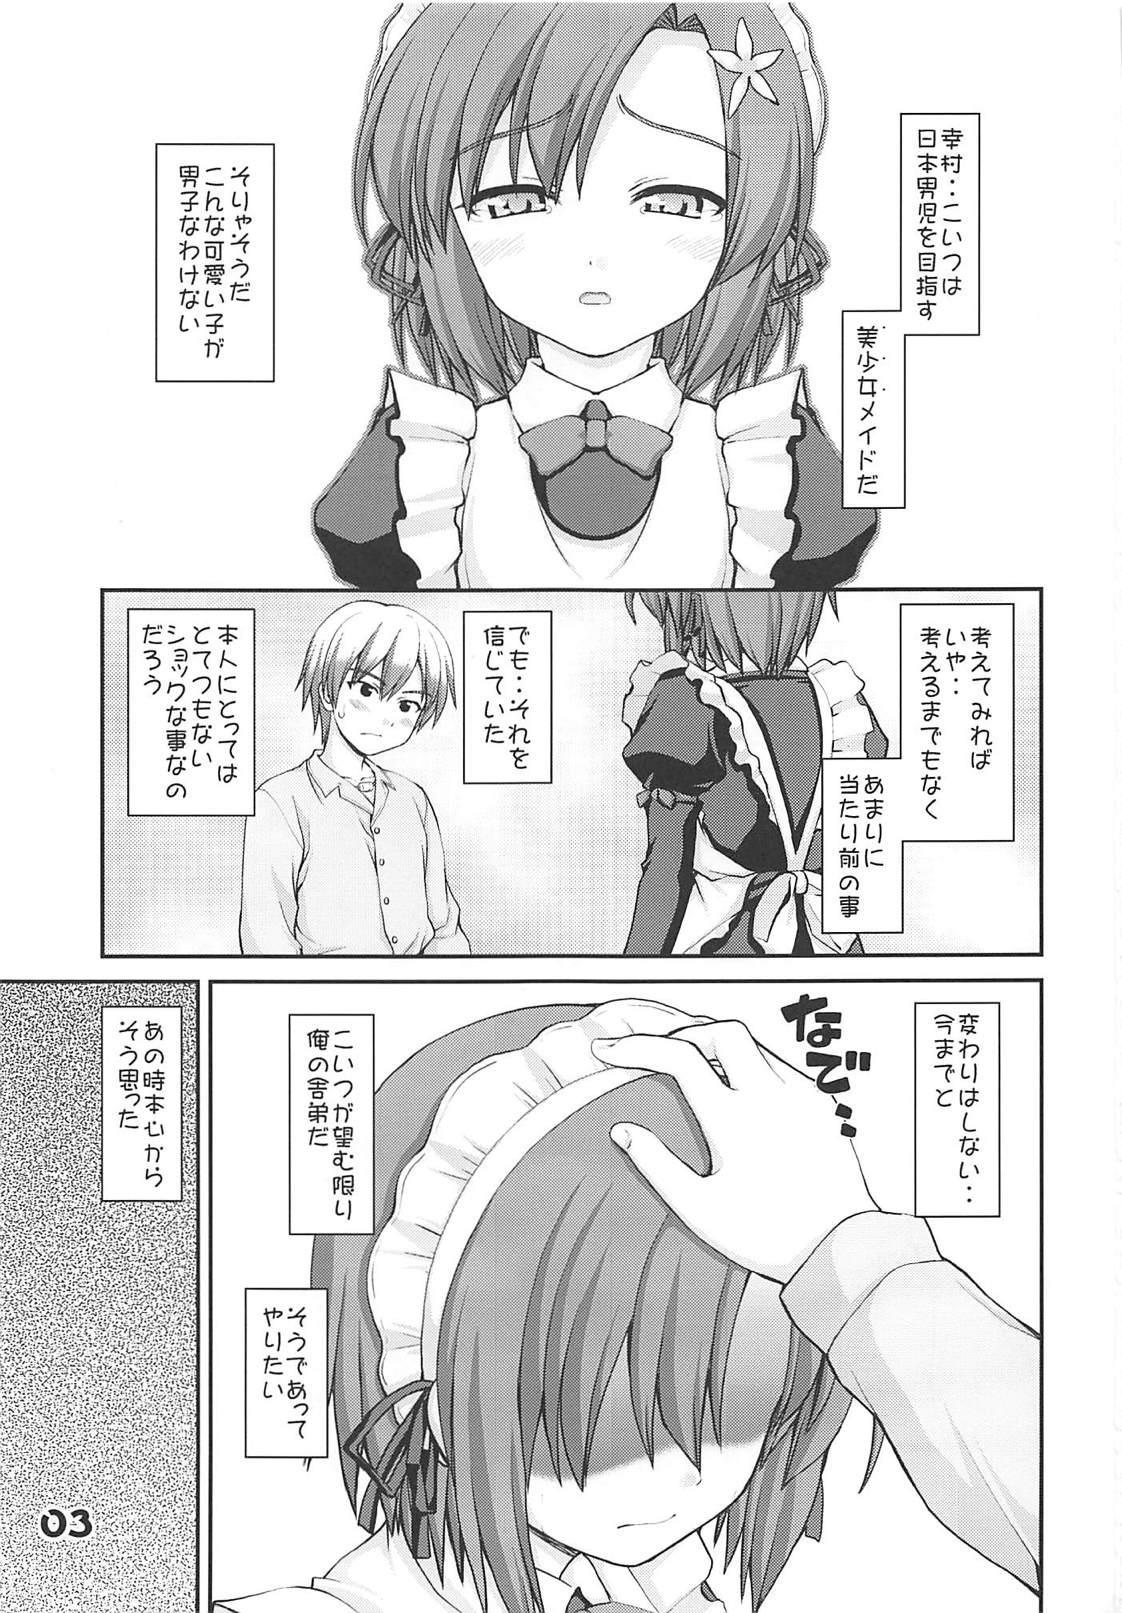 Aniki no Shatei 1